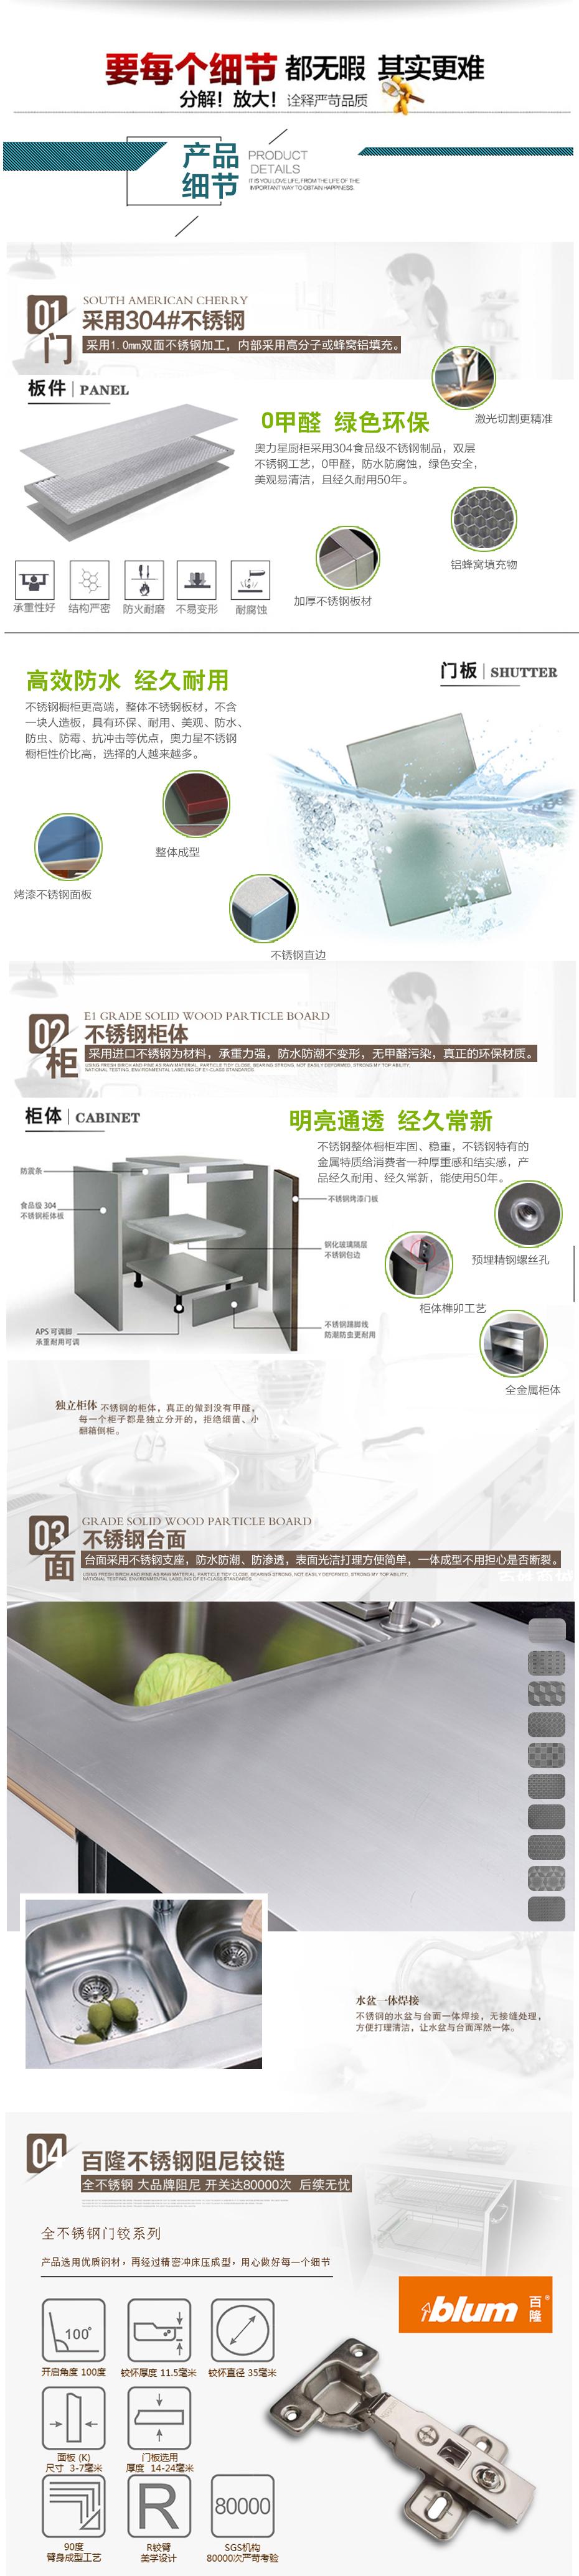 厨房不锈钢橱柜的产品细节